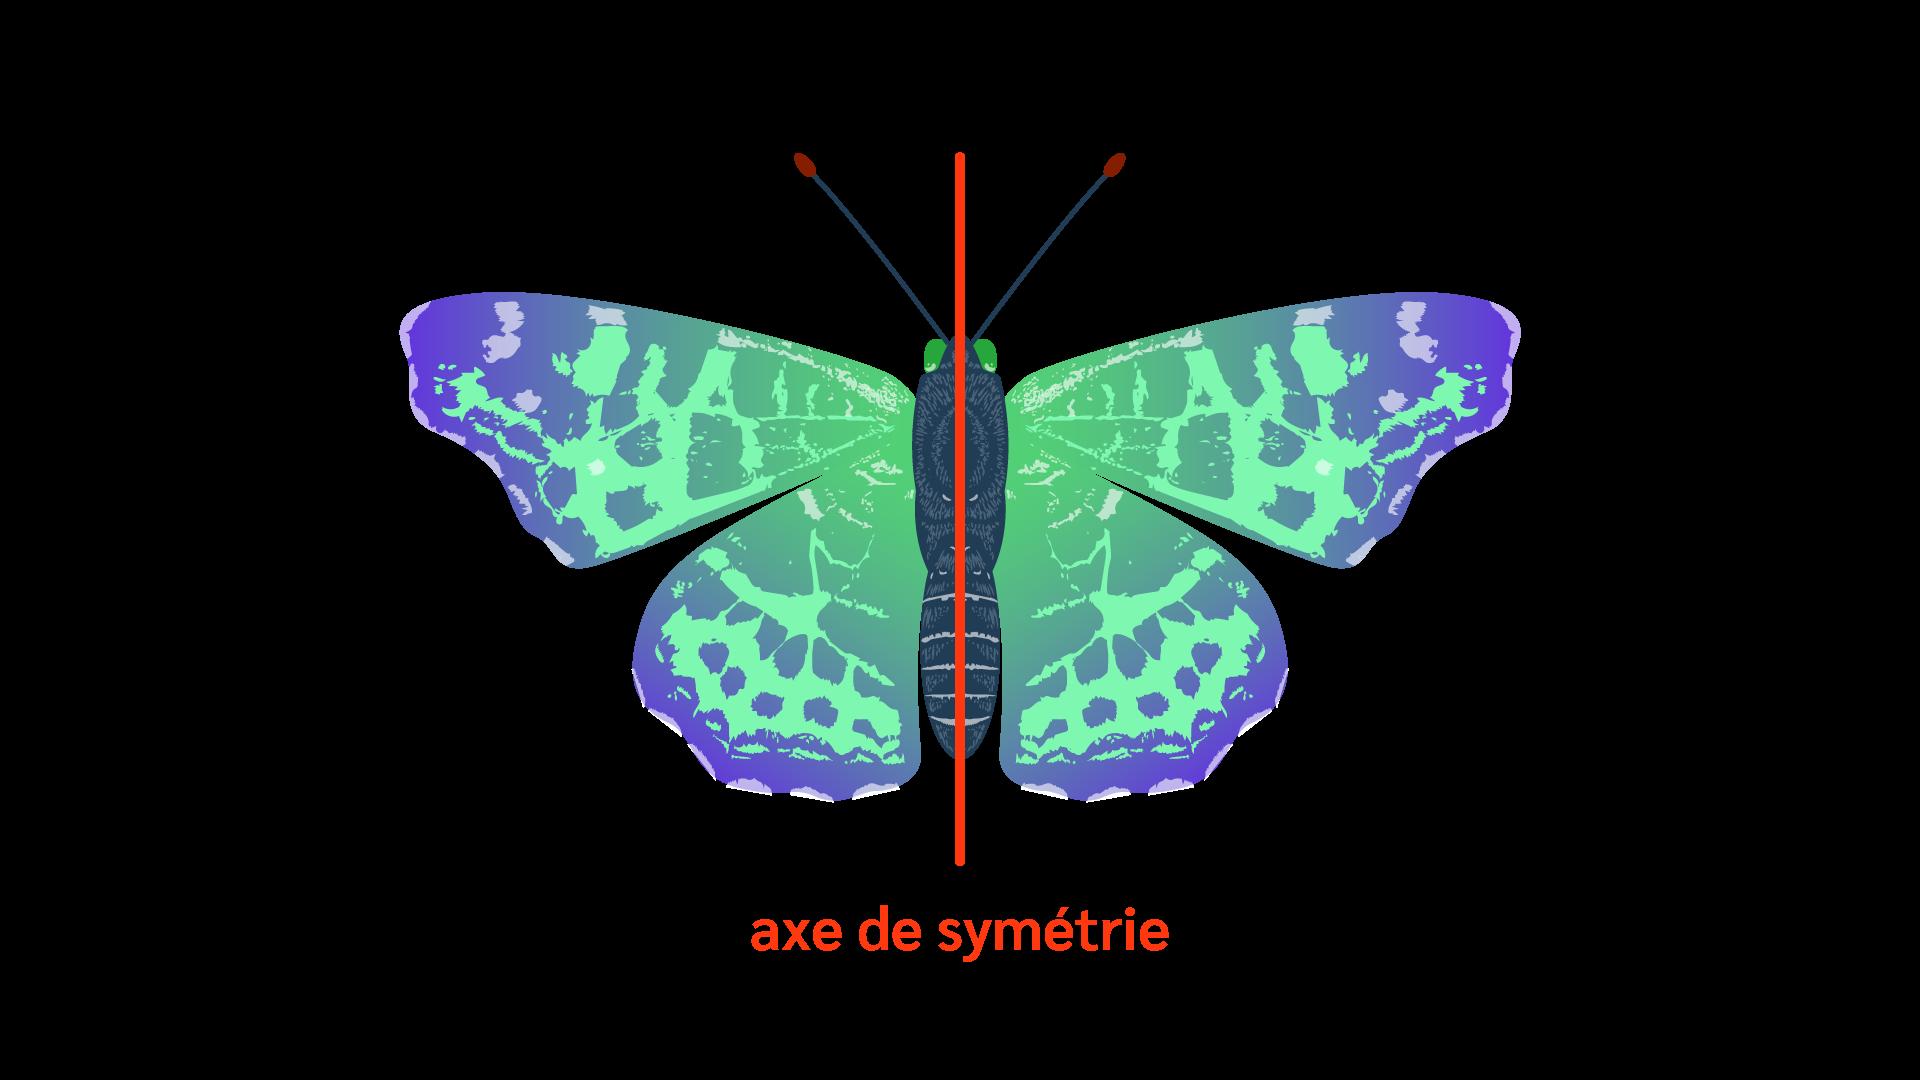 Primaire ce1 mathématiques espace géométrie axe de symétrie papillon